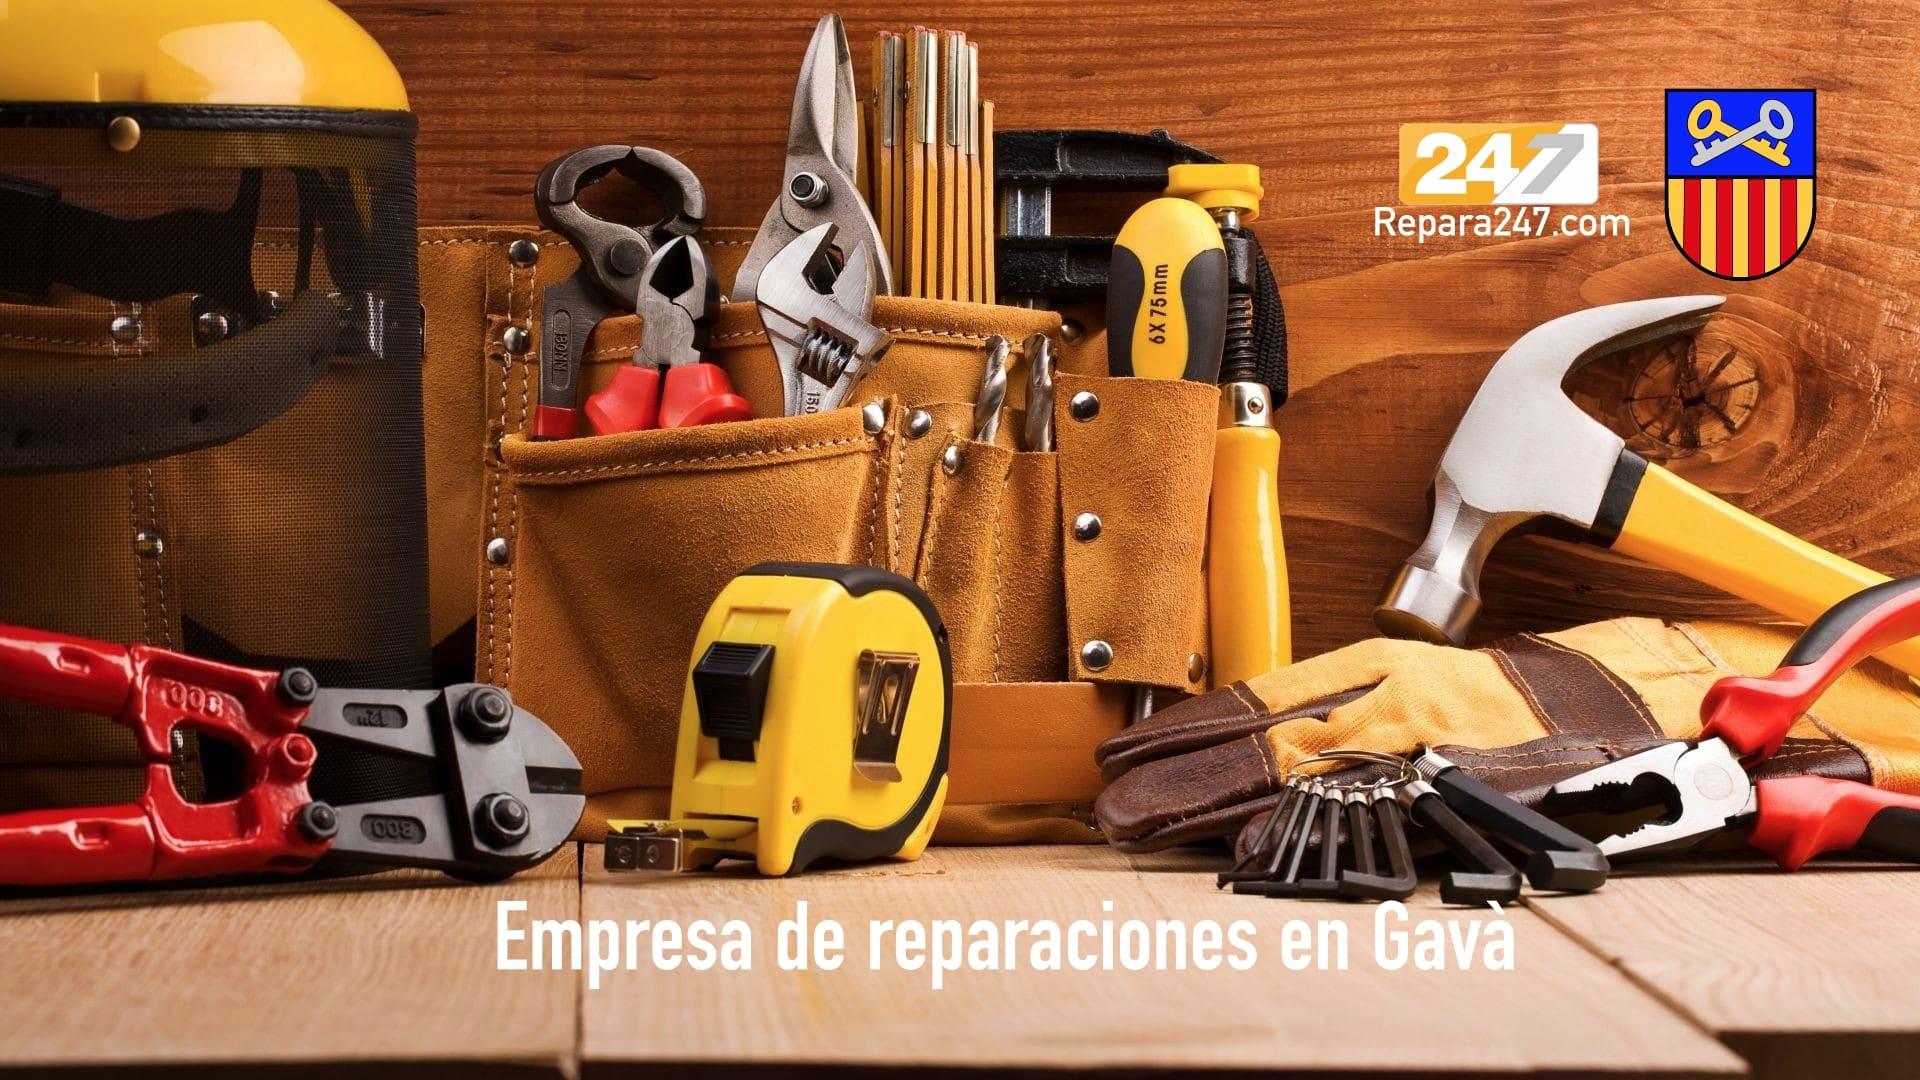 Empresa de reparaciones en Gavà